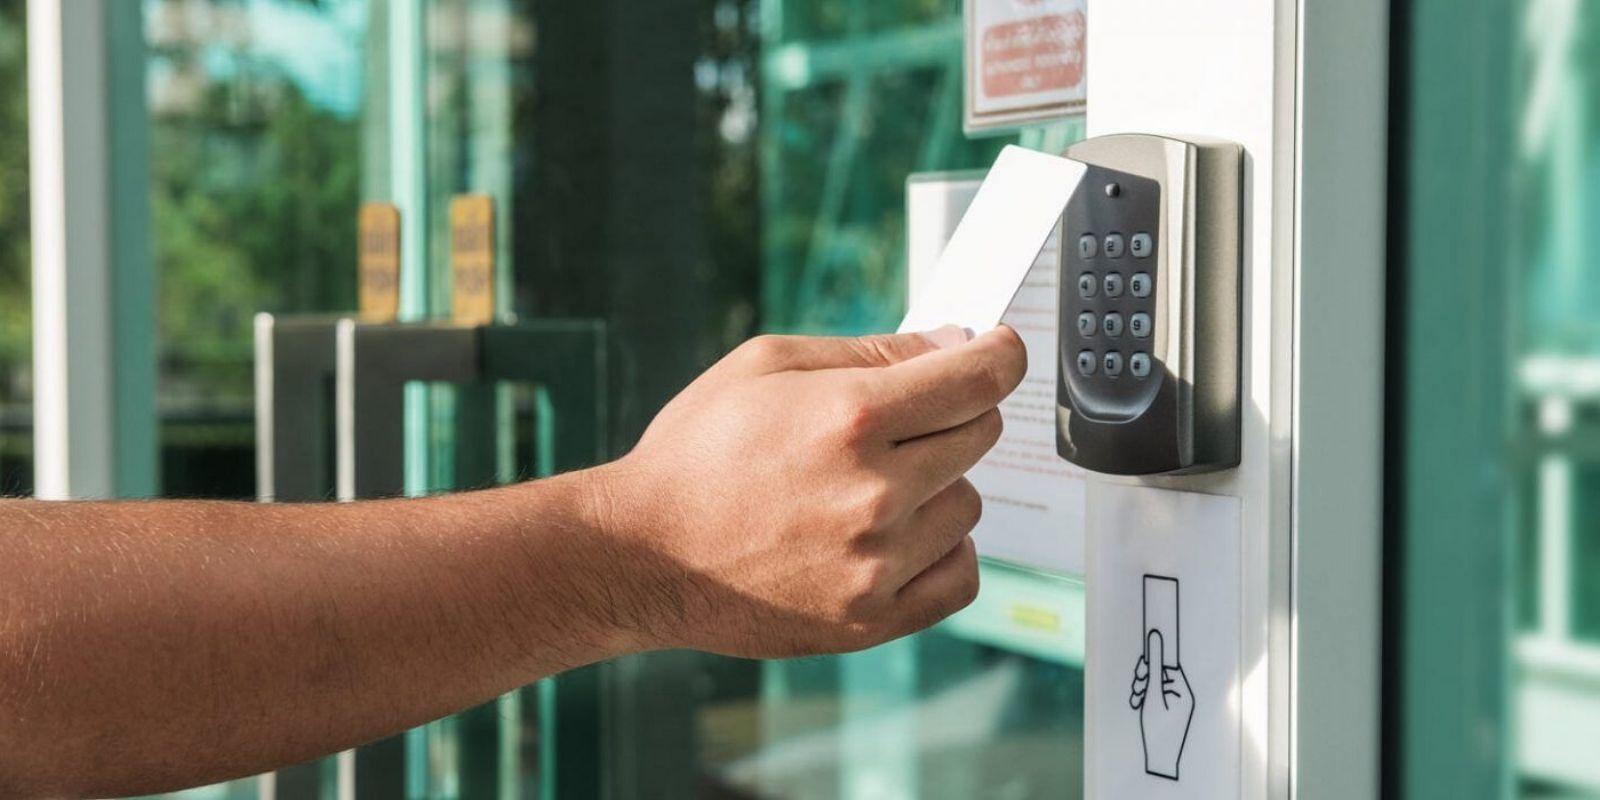 سیستم های امنیتی برای حفاظت از سنگ بنای راه حل کنترل دسترسی به تجارت